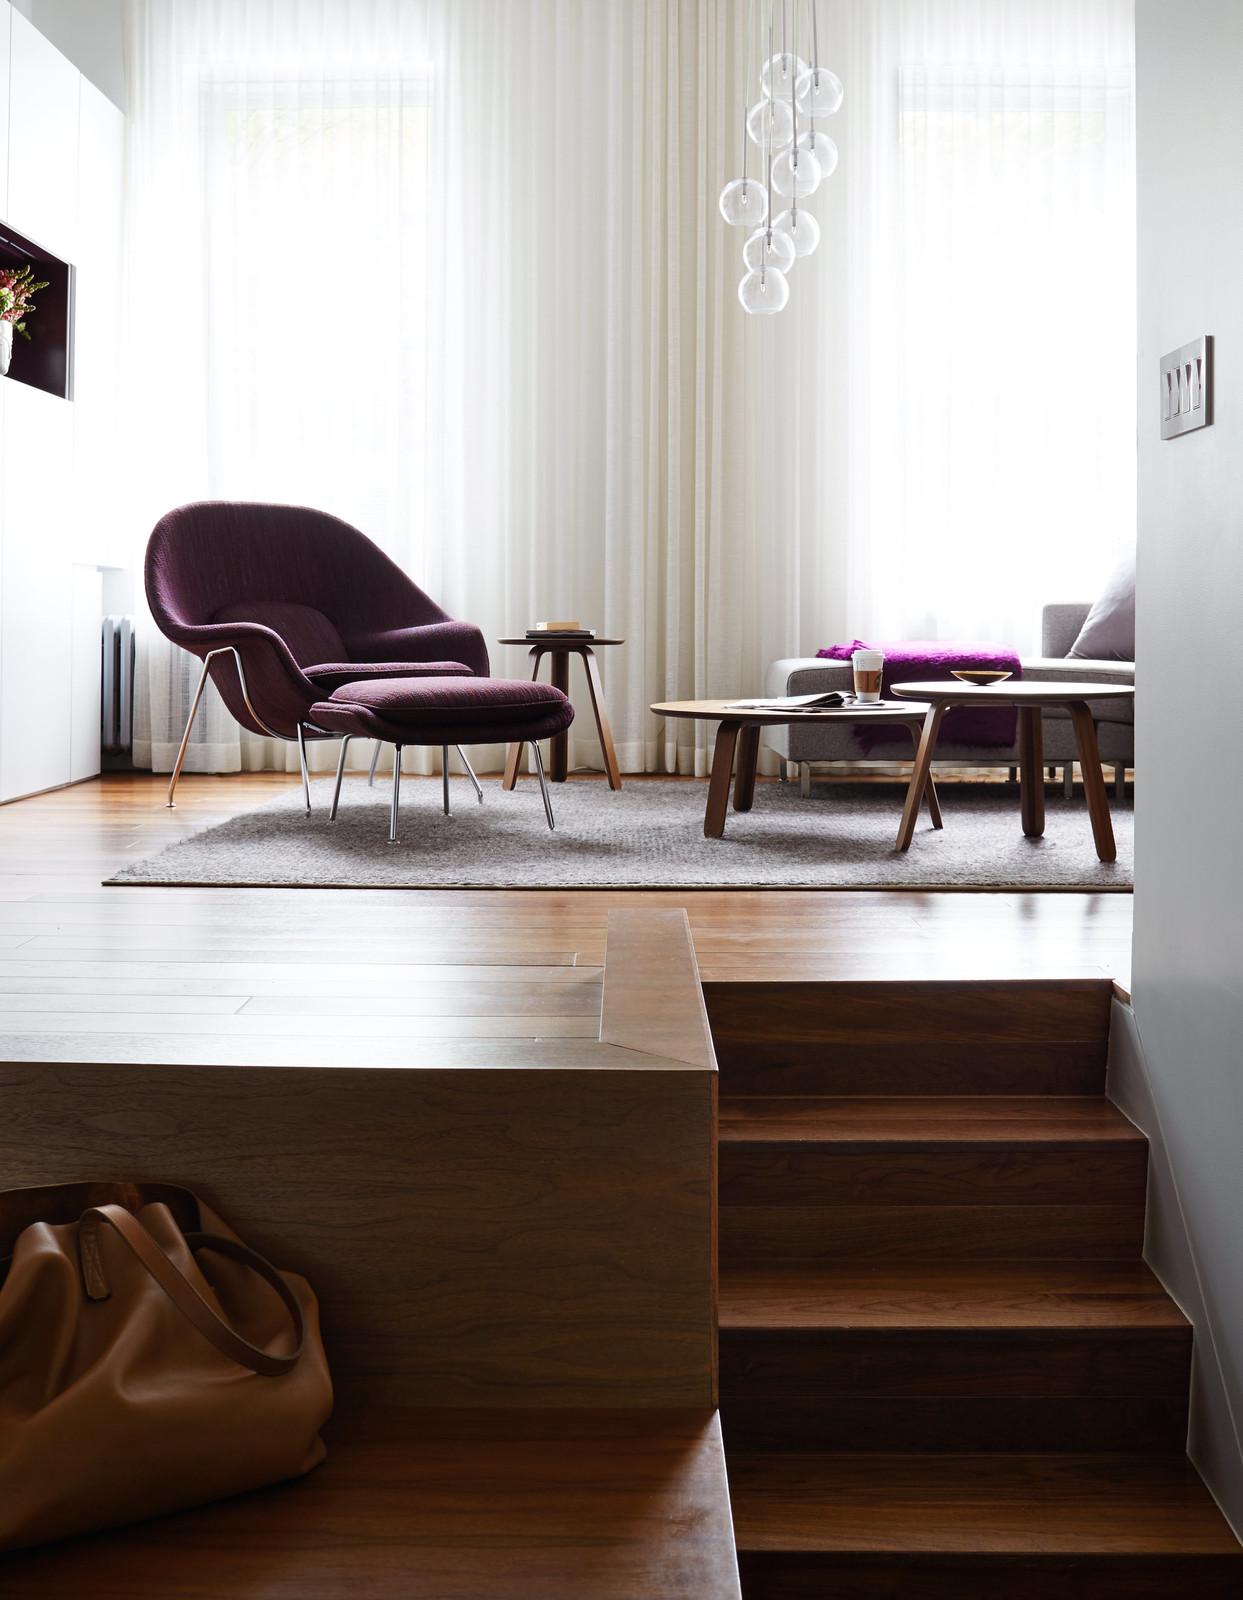 Dise o para espacios peque os interiorismo dc dc for Diseno de espacios pequenos